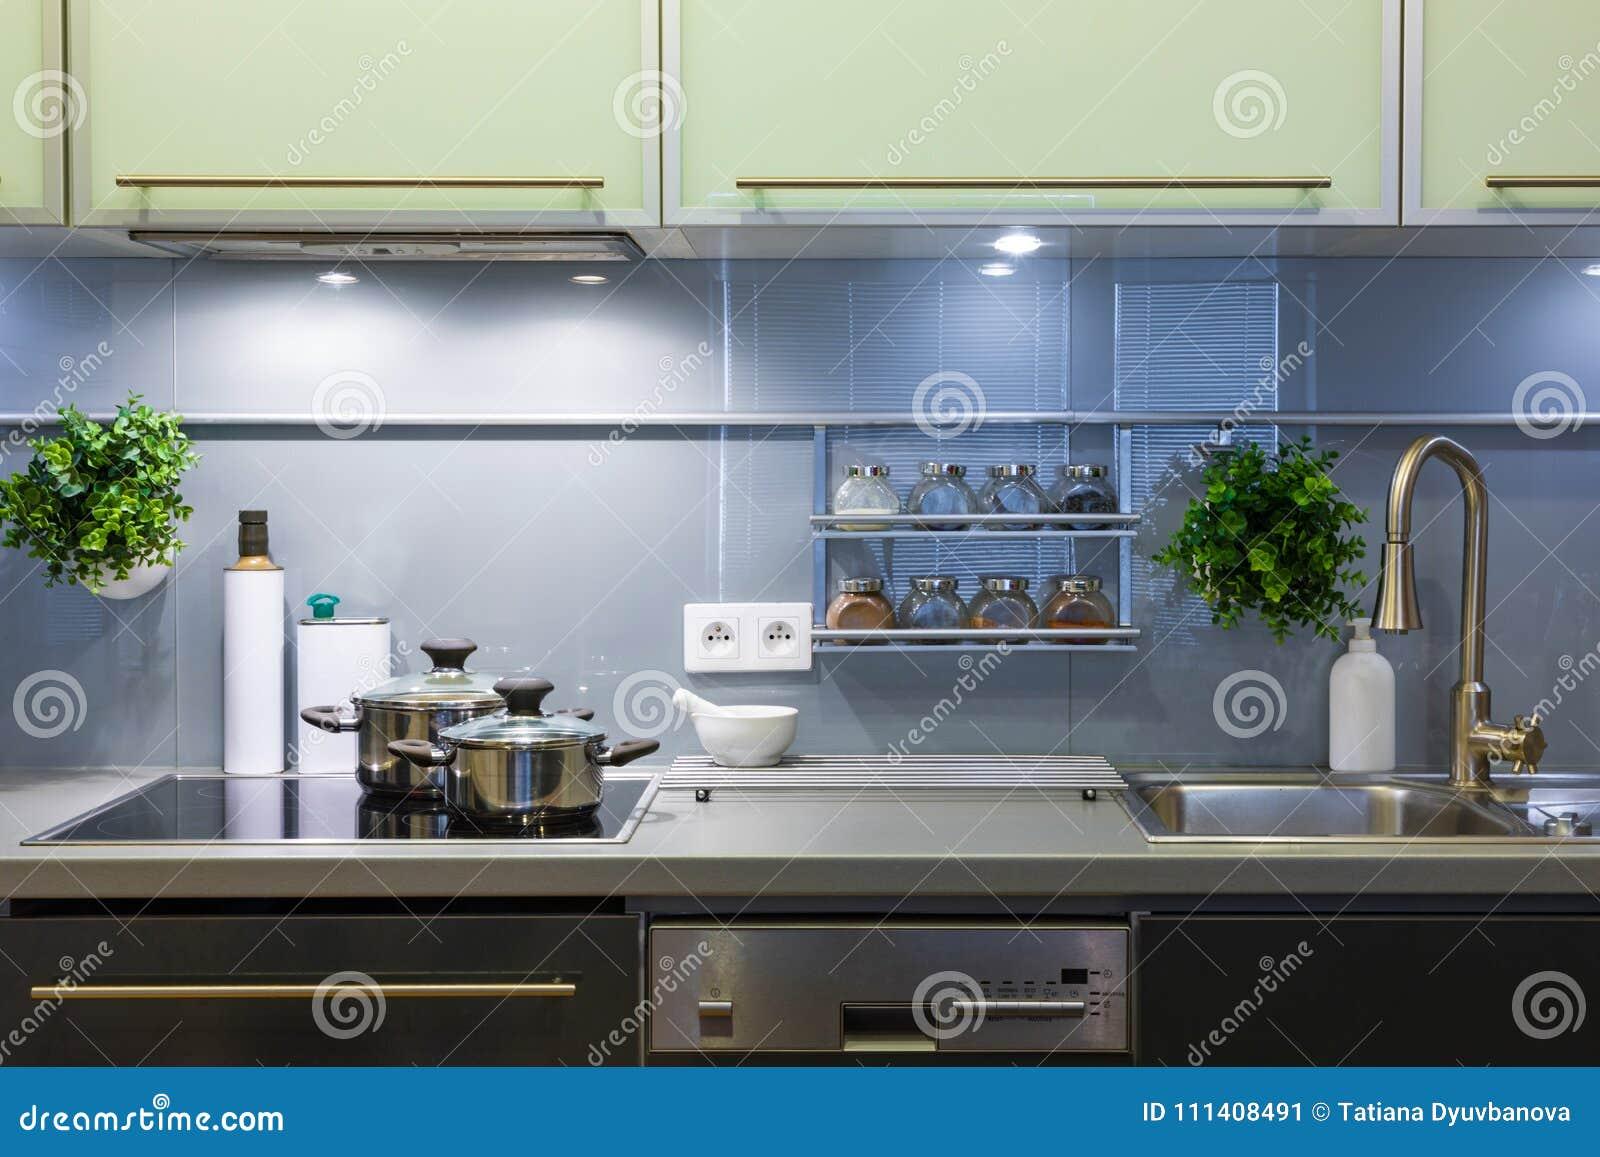 Cuisine Moderne à La Maison Avec La Vaisselle De Cuisine Image stock ...